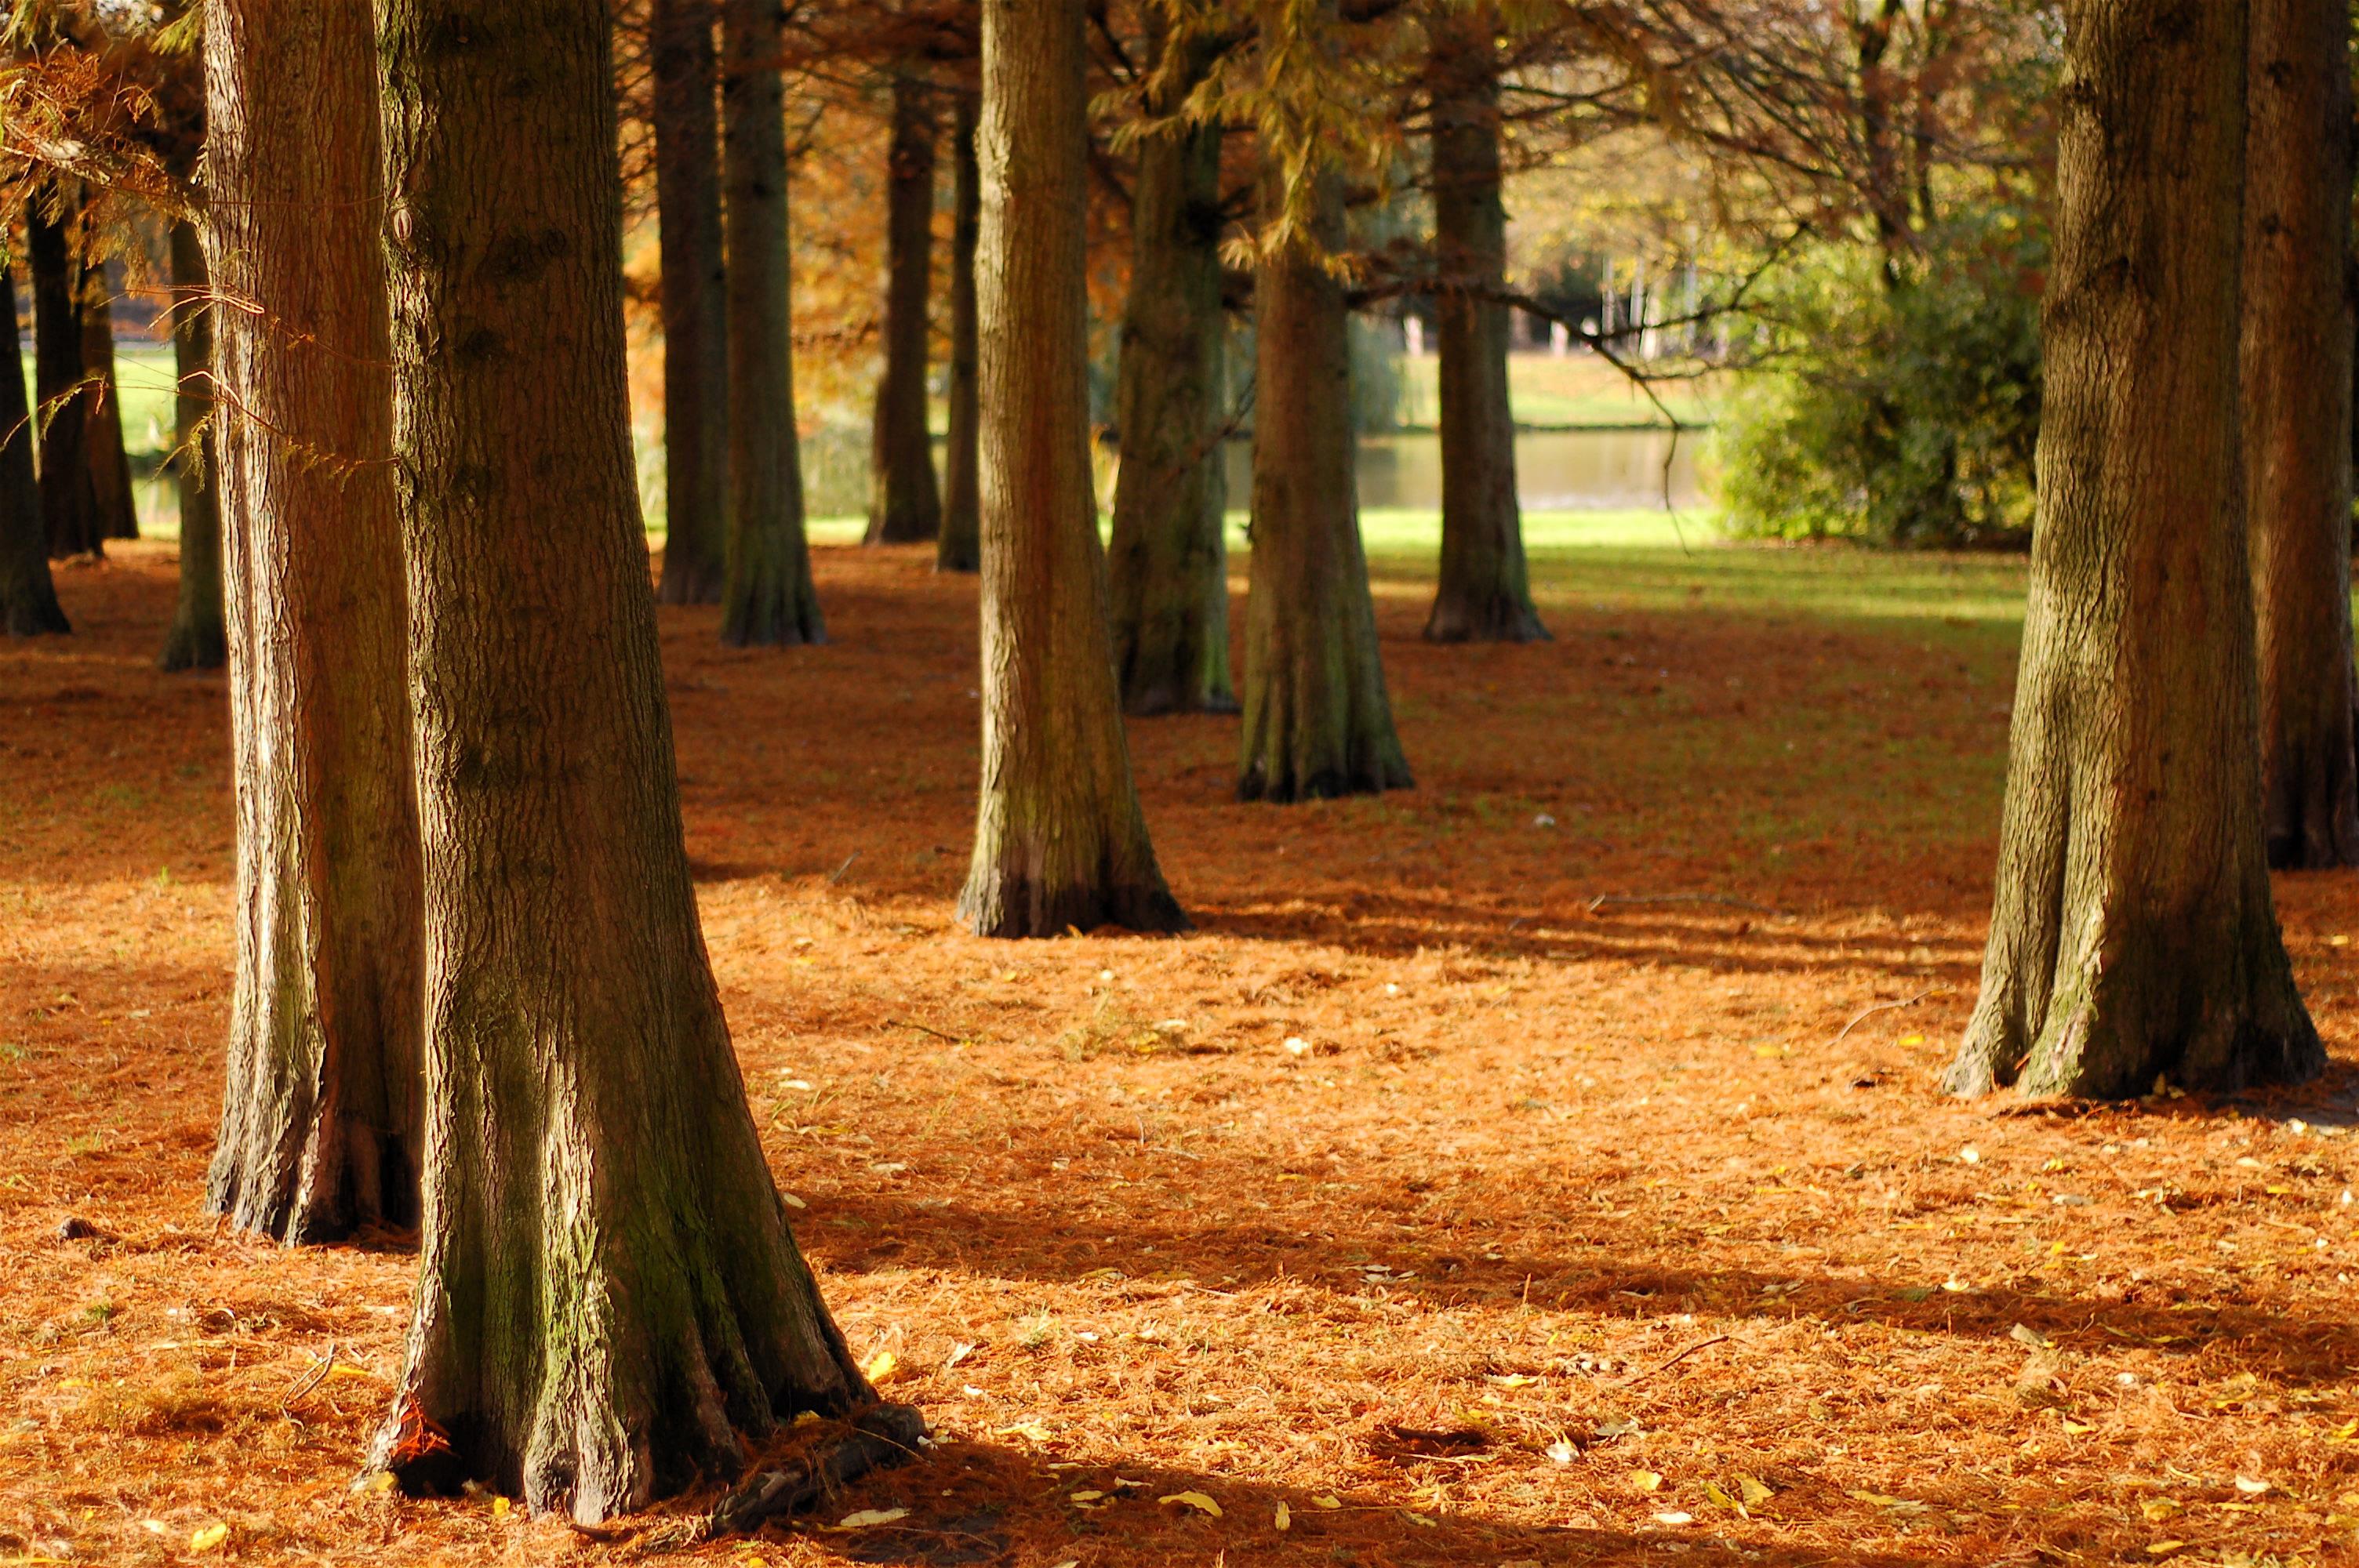 осень, опавшие листья, лес, стволы деревьев, скачать фото